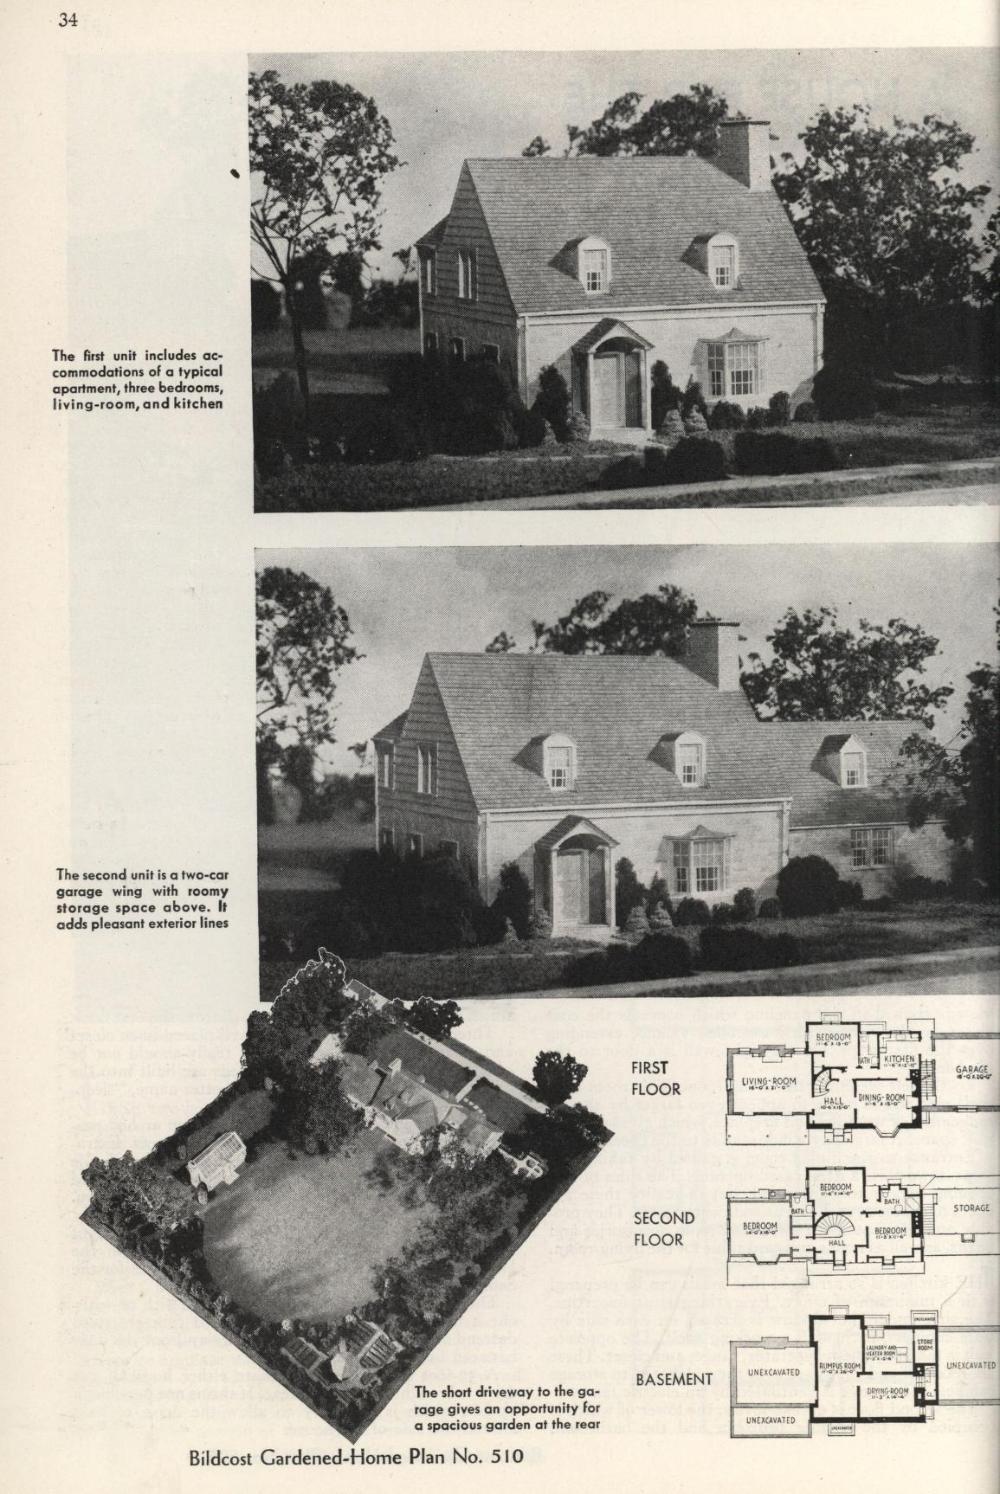 9e4b5365c04d1b3cf379de6d8c7ced46 - Better Homes And Gardens Home Designer Free Download